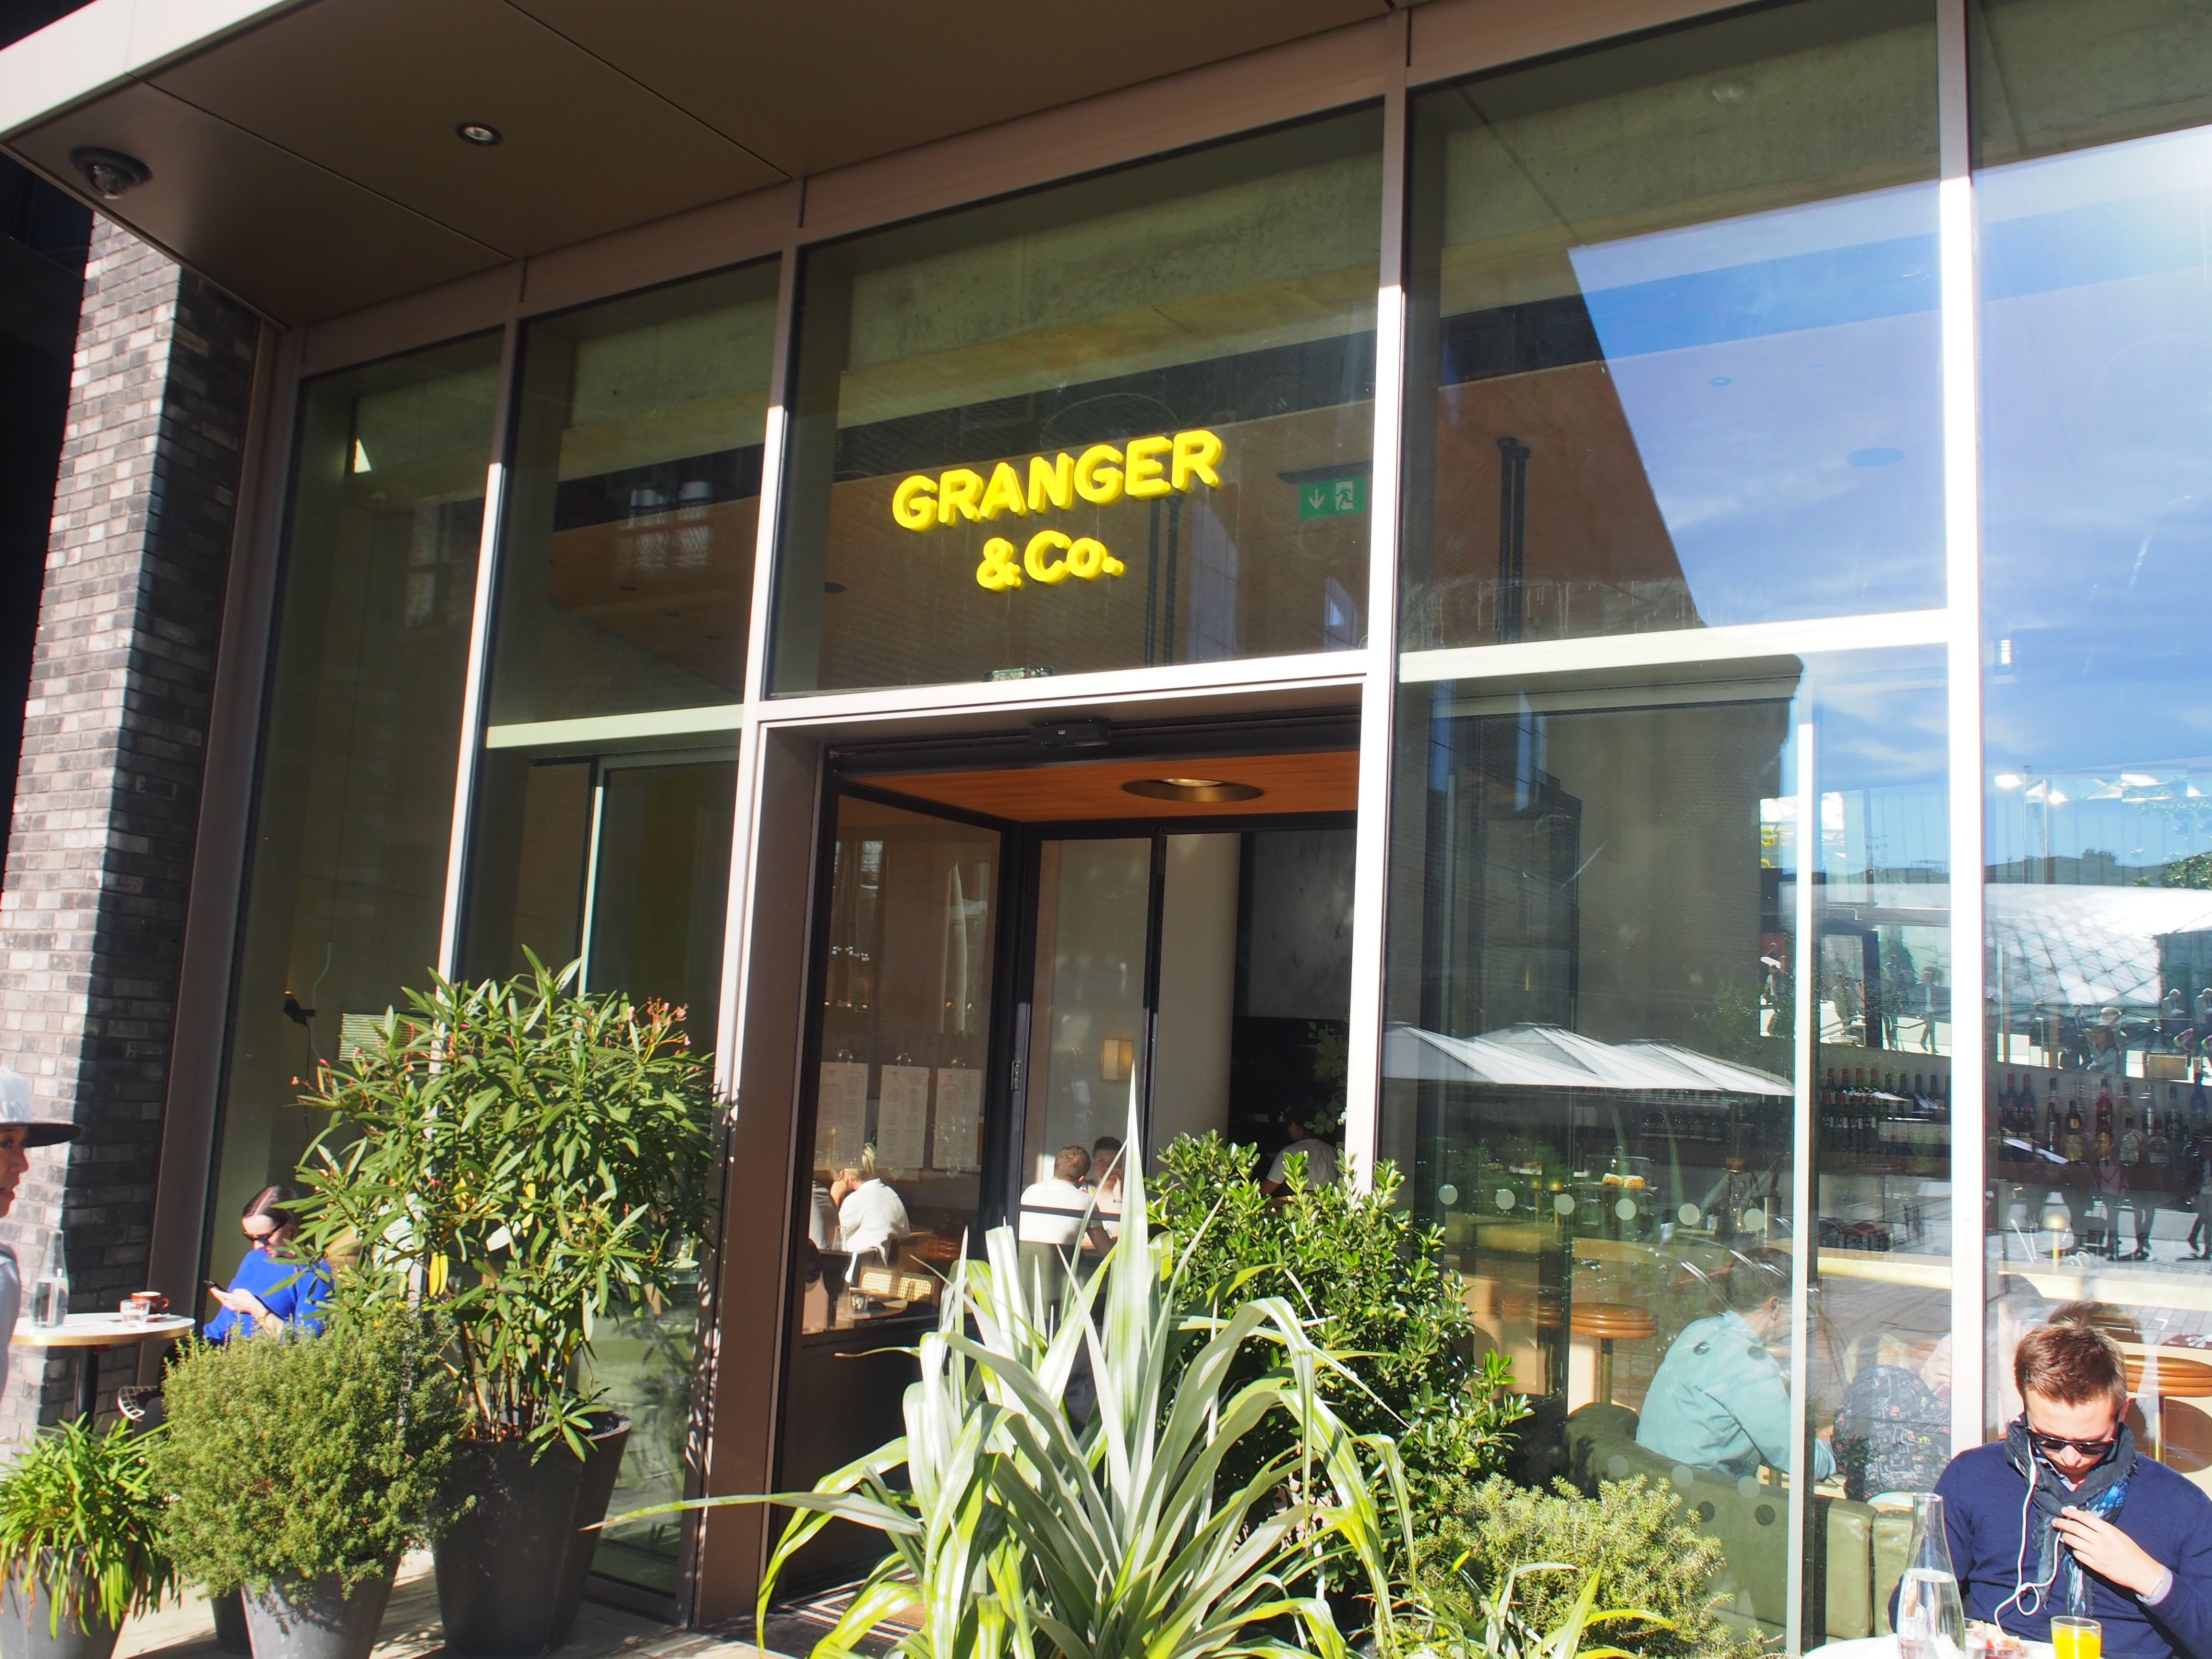 Granger&Co. King's Cross店